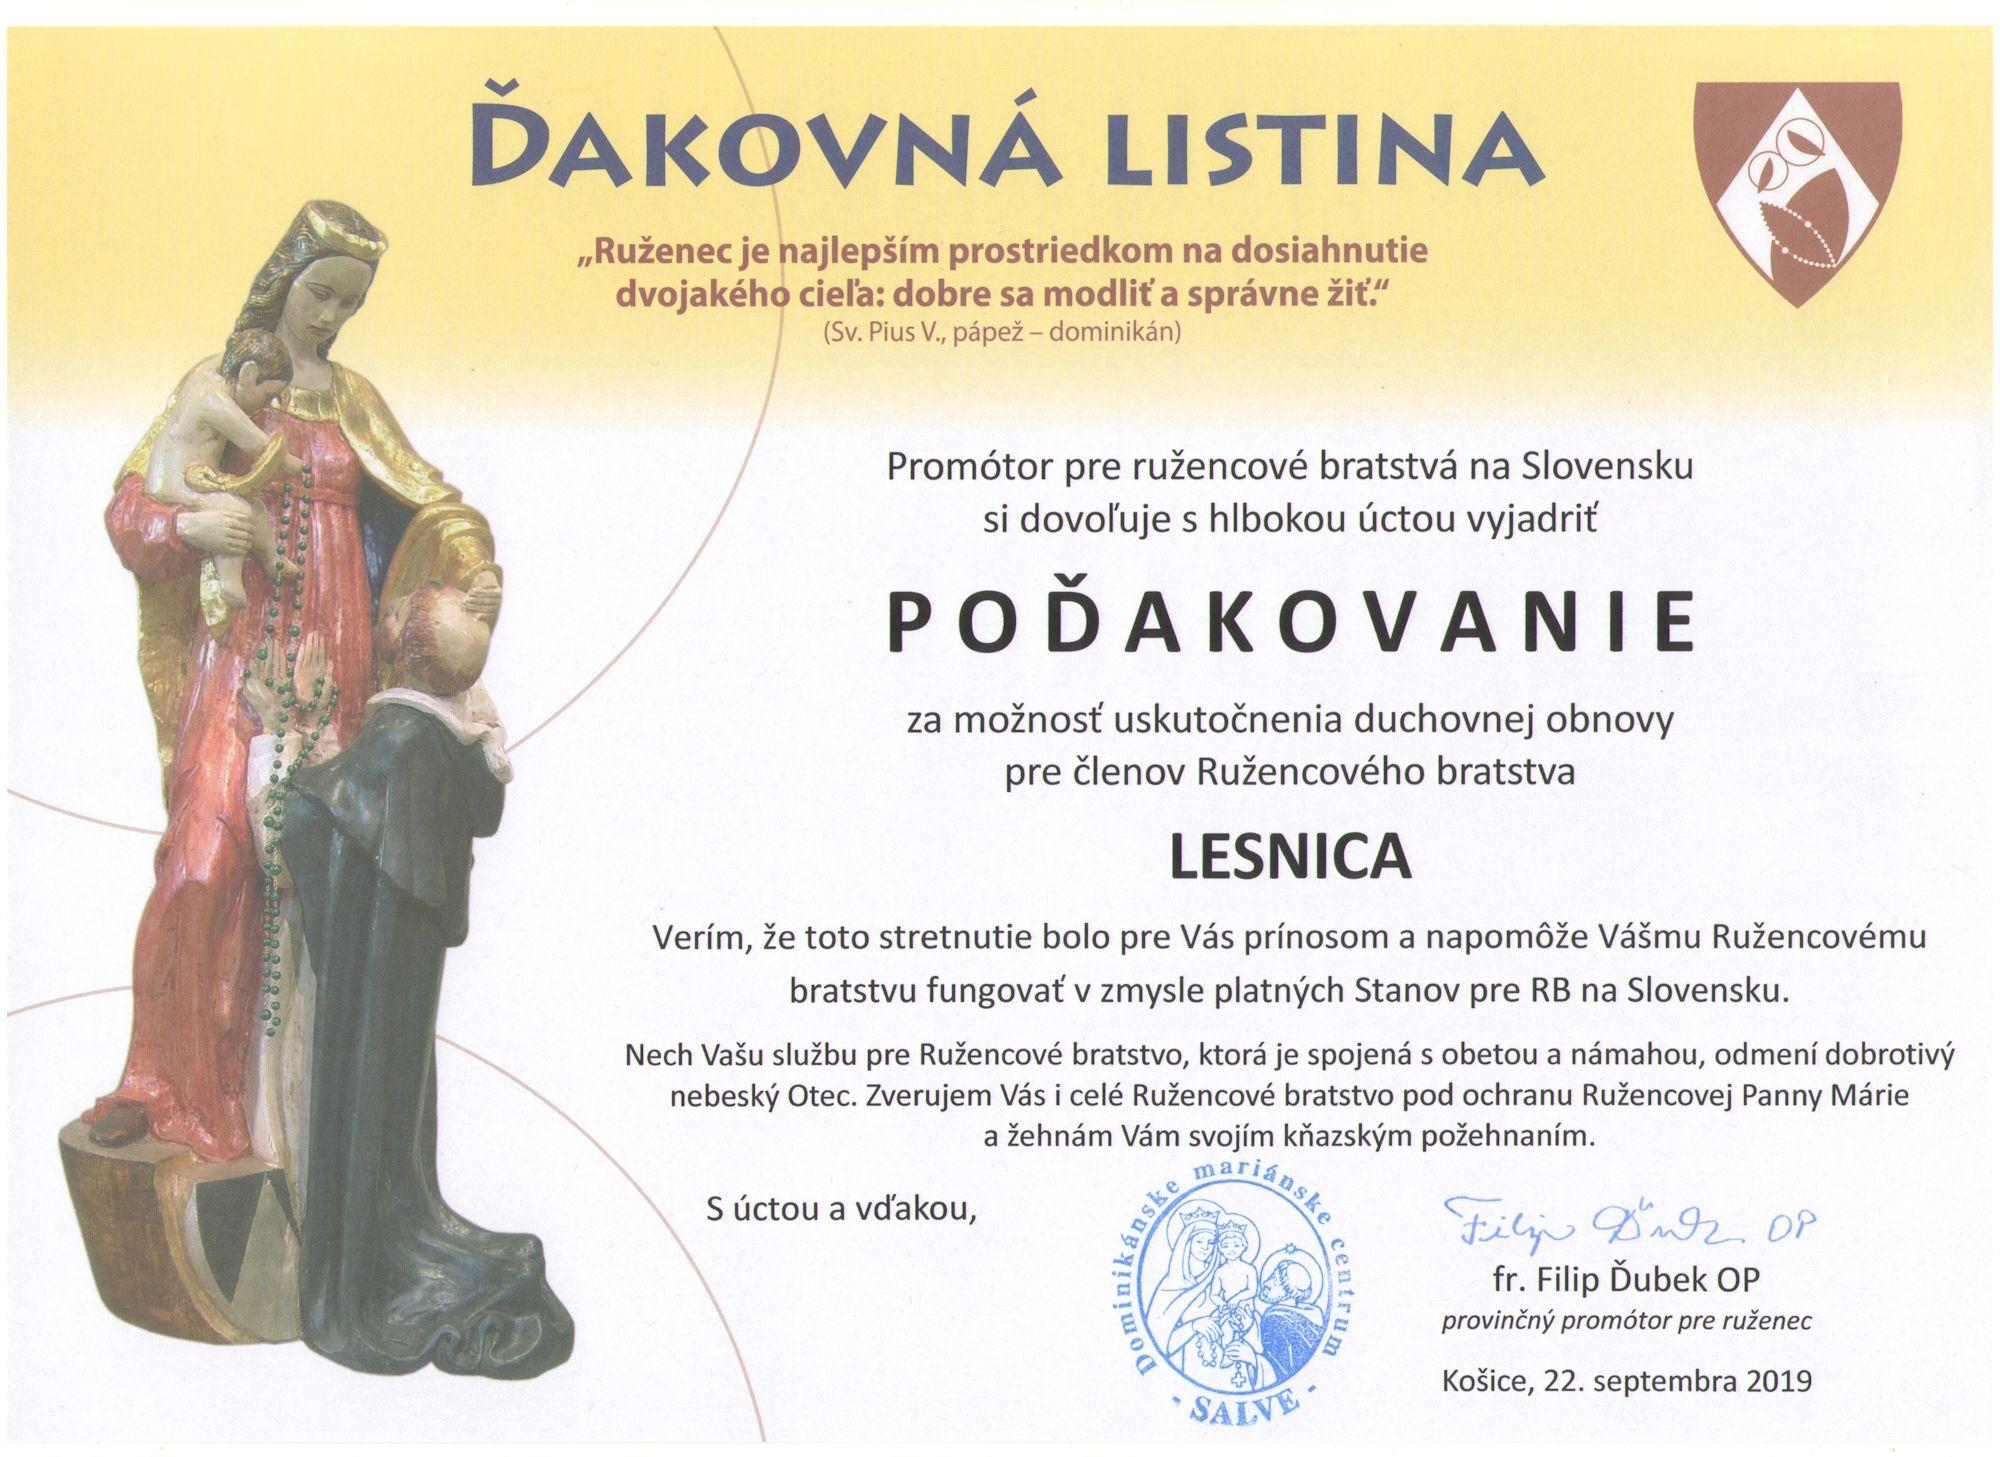 Ďakovná listina - Lesnica - menšia